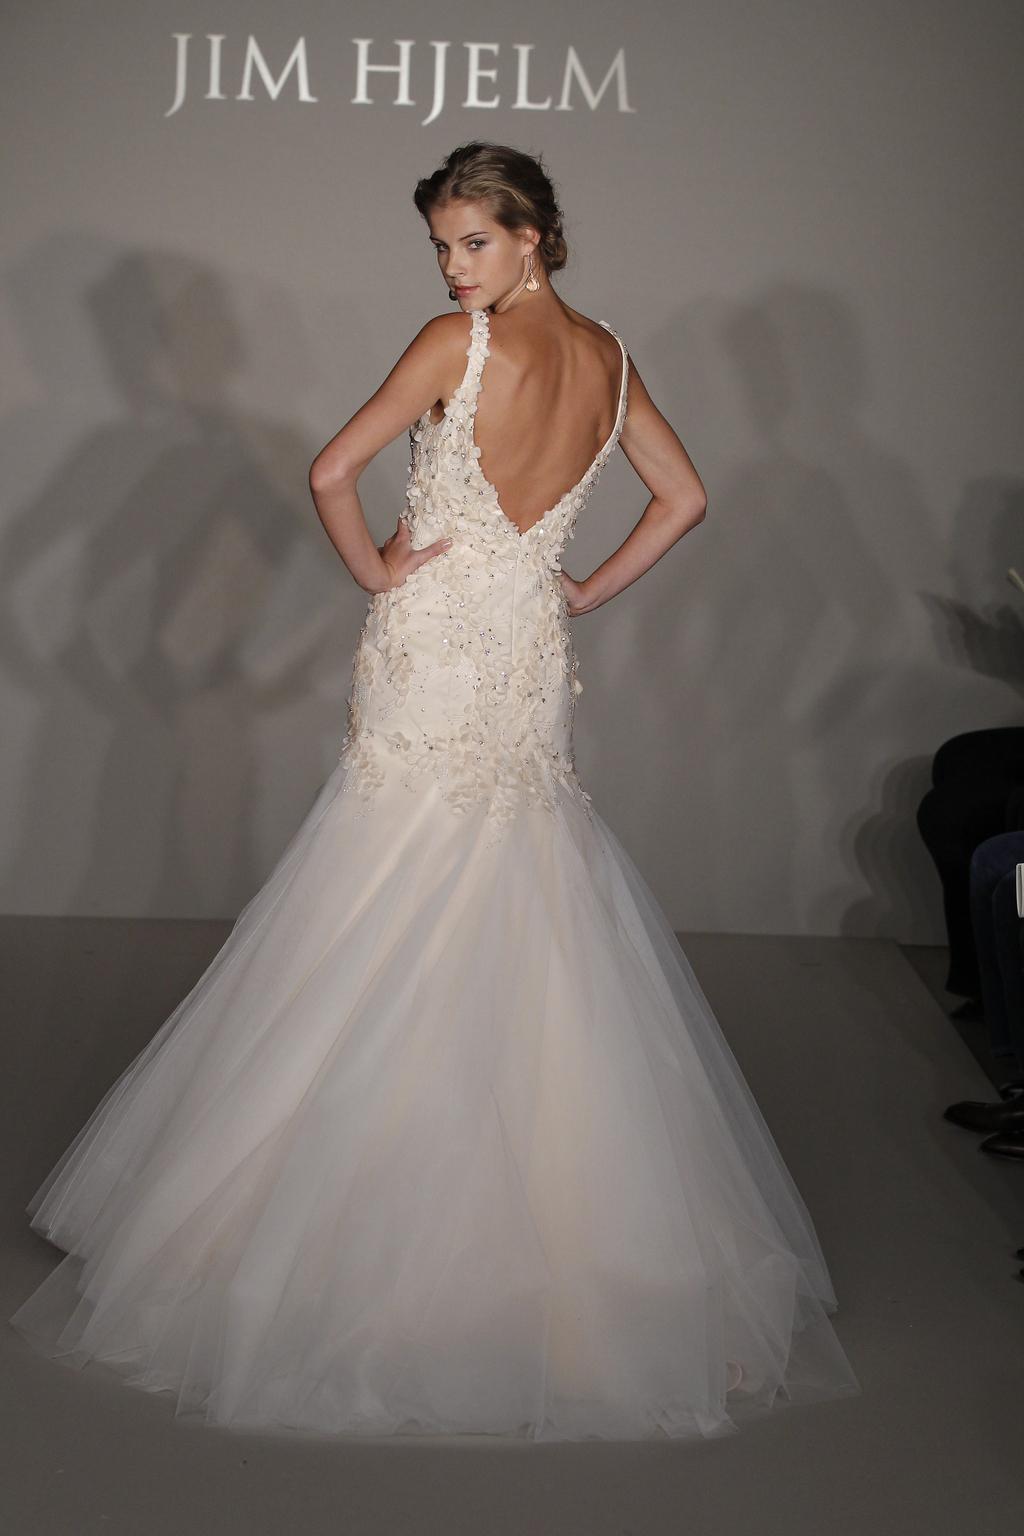 Jim-hjelm-wedding-dress-spring-2012-bridal-gowns-8206-back.full